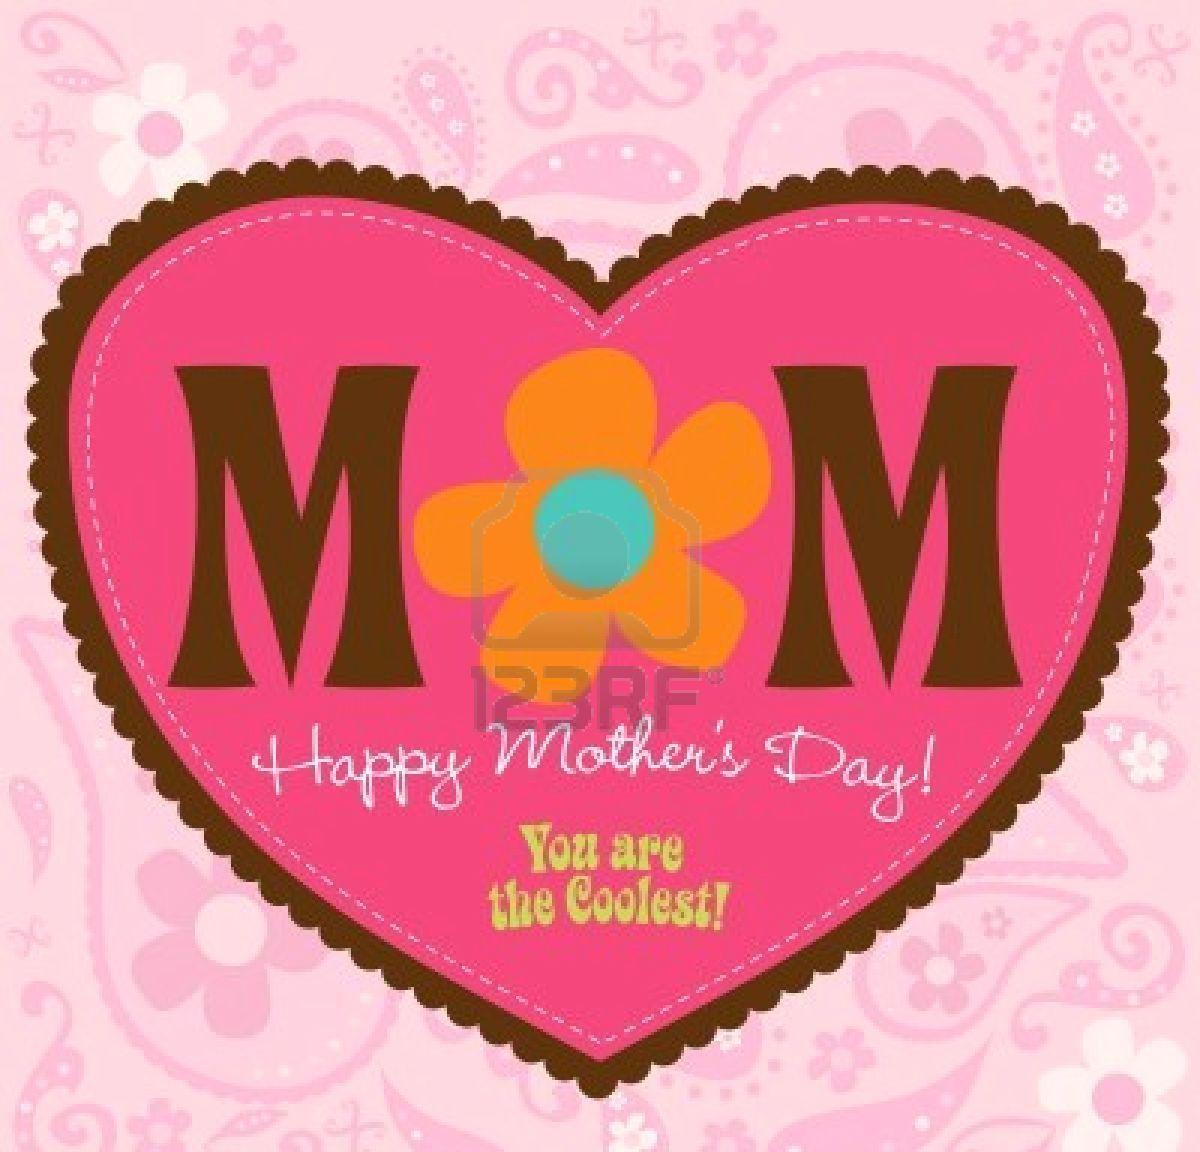 http://4.bp.blogspot.com/-v-oC6a_PRkc/TZijmhFMnfI/AAAAAAAACgA/qK2n725xBkg/s1600/Happy+mothers+day+wallpaper4.jpg